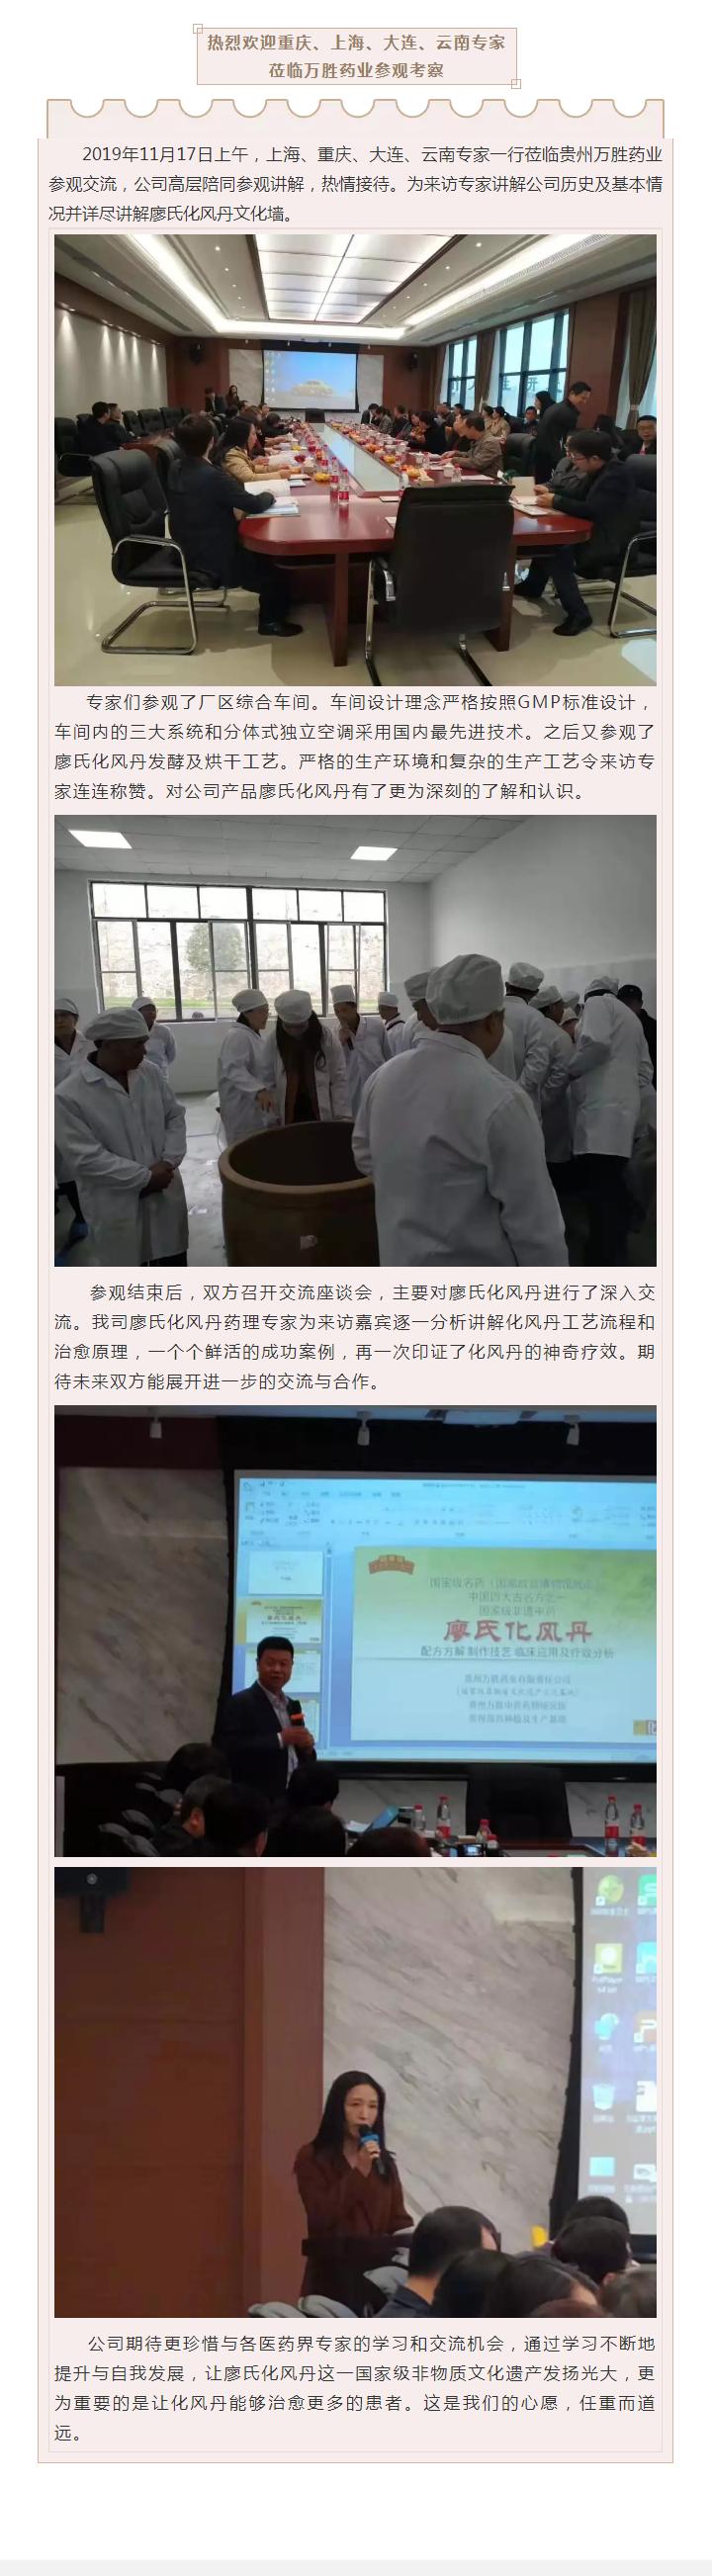 热烈欢迎上海、重庆、大连、云南专家莅临万胜药业参观考察.png